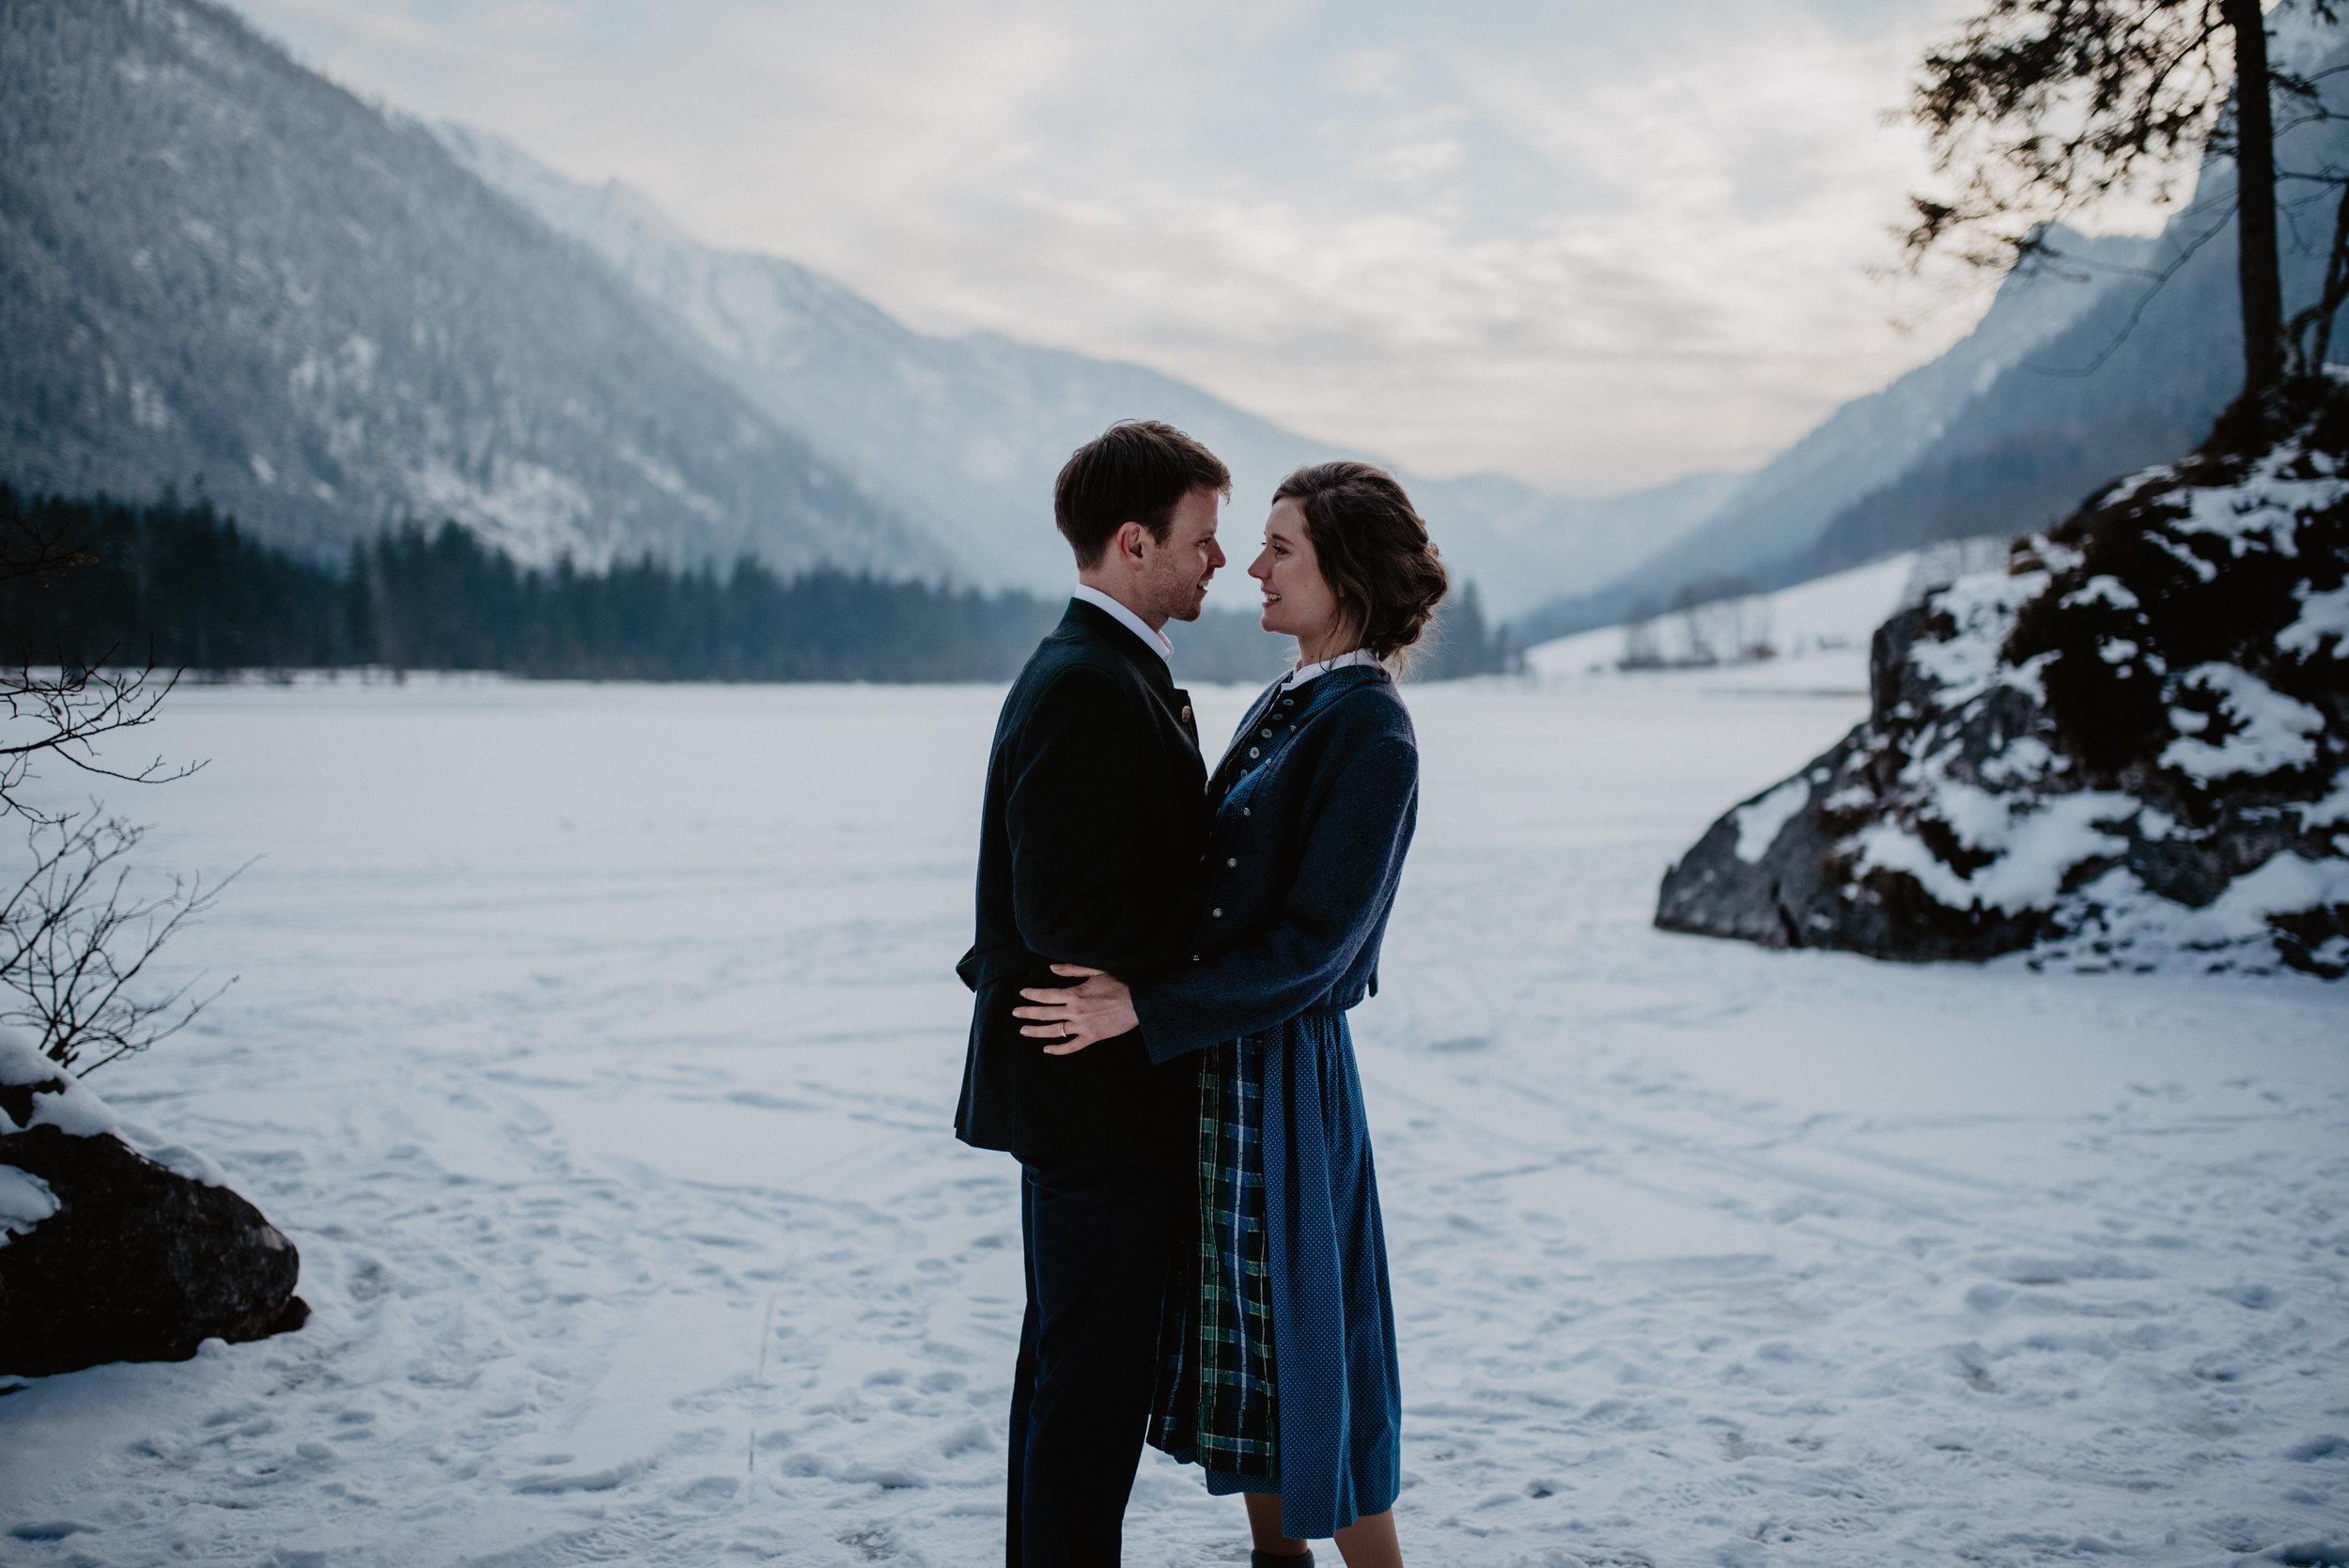 Hochzeit-Berchtesgaden-Hintersee-MissFrecklesPhotography-26.jpg